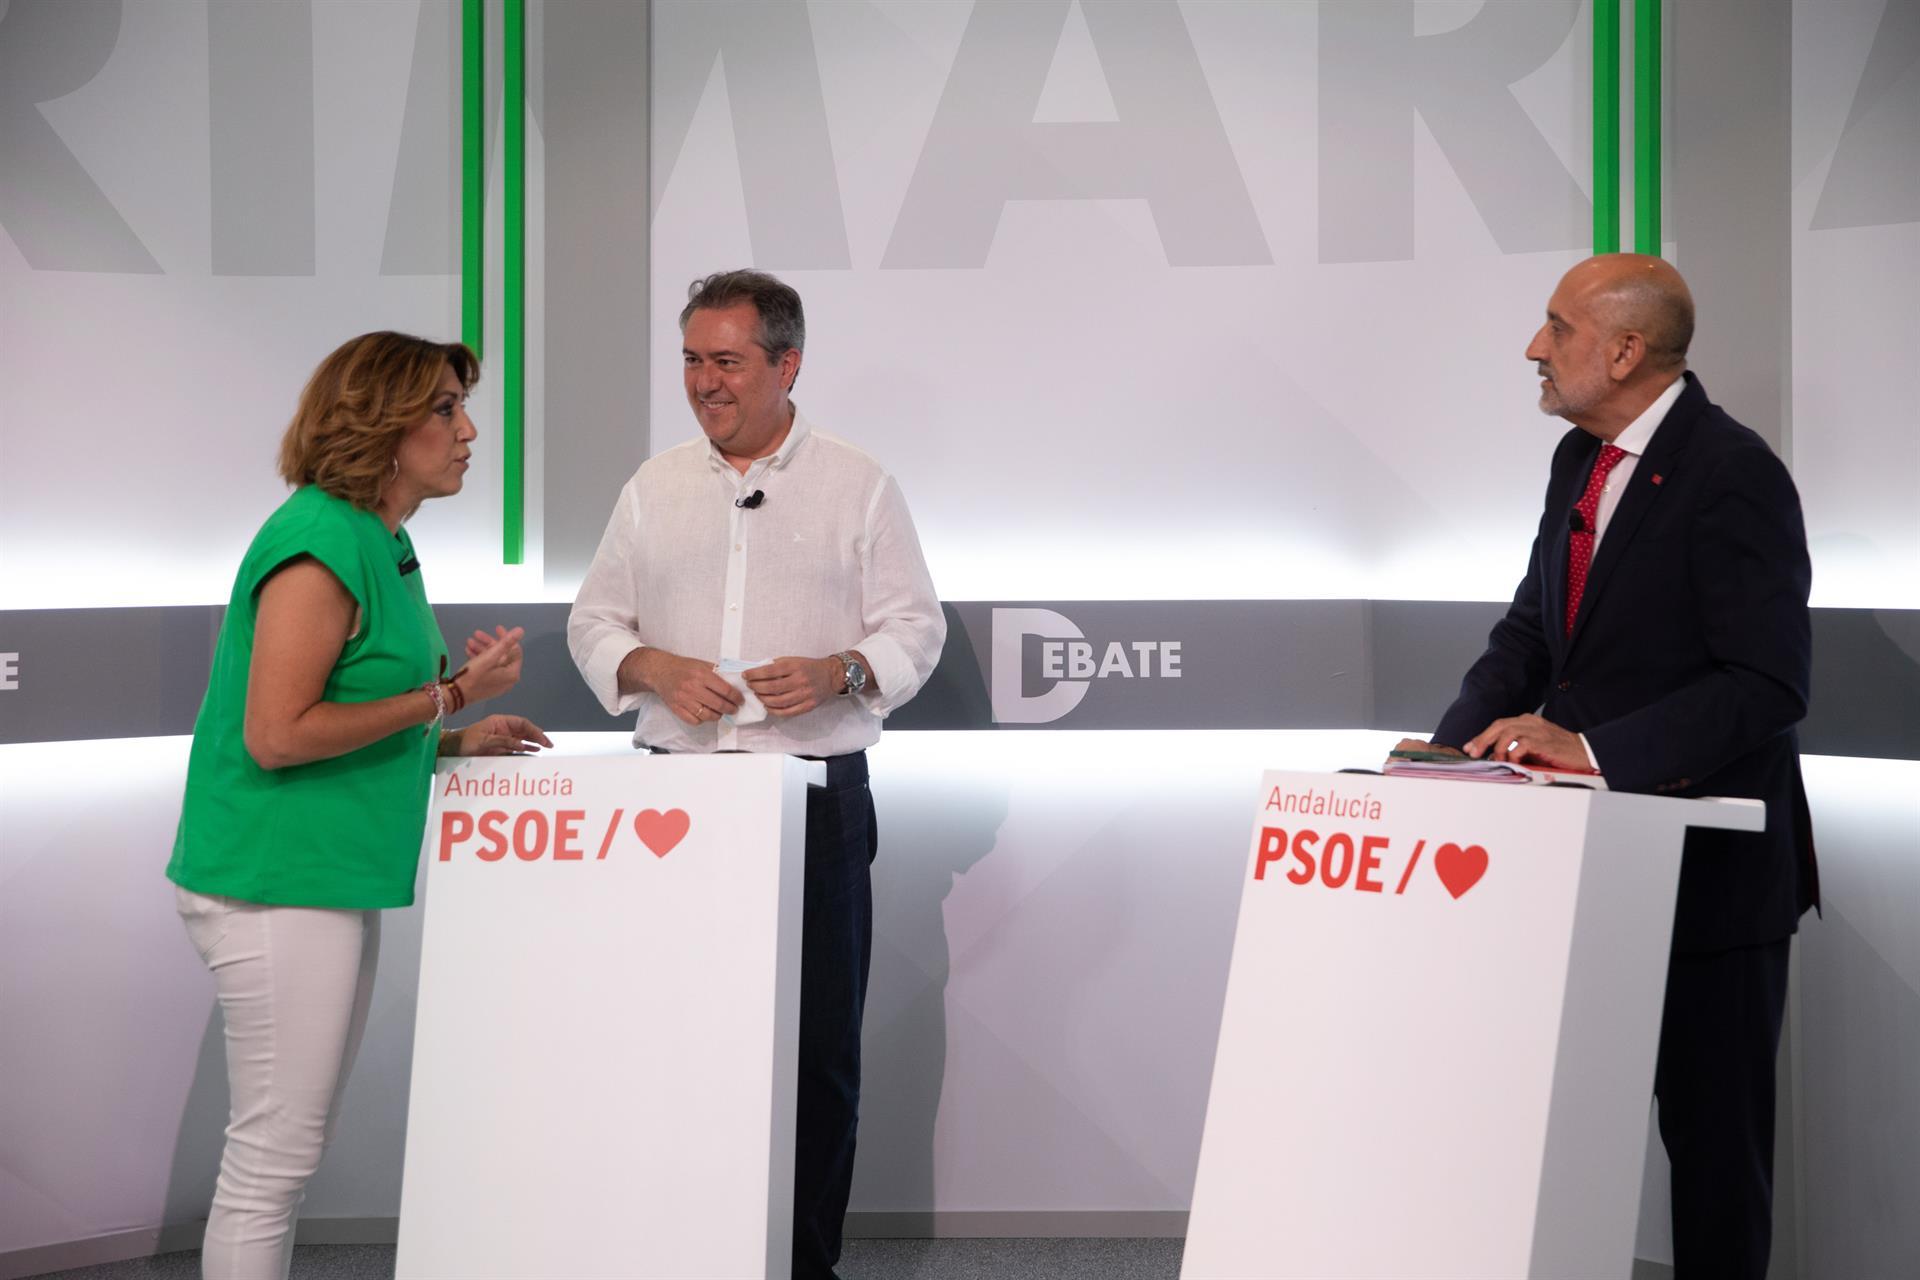 El PSOE-A vota este domingo para elegir candidato con Susana Díaz y Juan Espadas favoritos